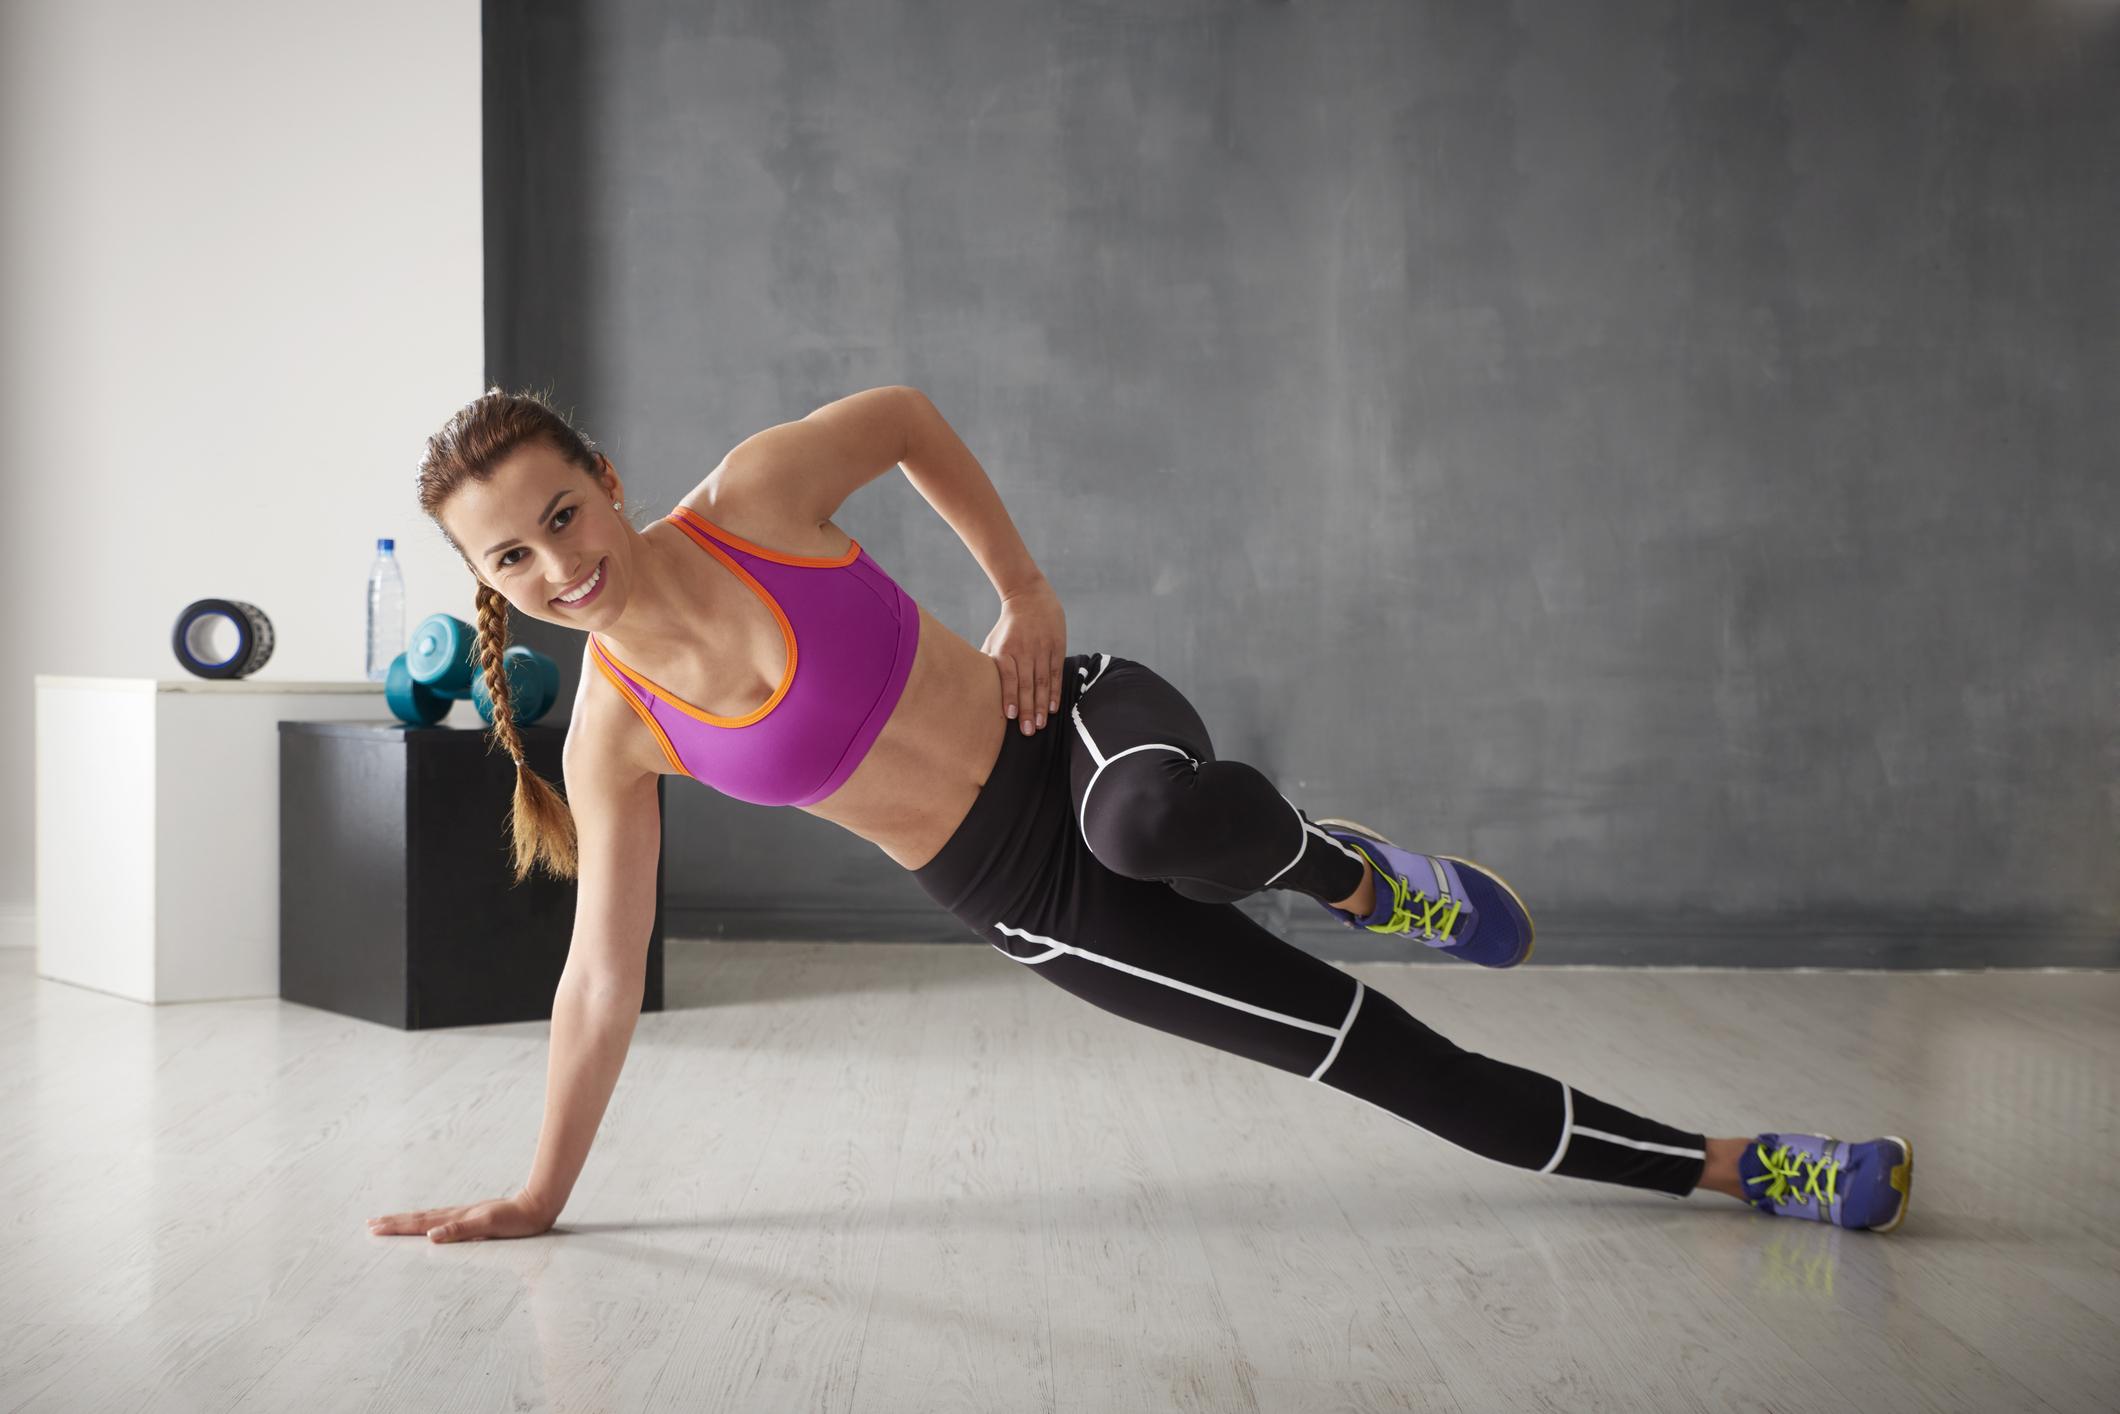 Hiit - высокоинтенсивные интервальные тренировки: продолжительно метаболических тренировок для похудения за счет сжигания жира. лучшие упражнения и комплексы виит в домашних условияхwomfit